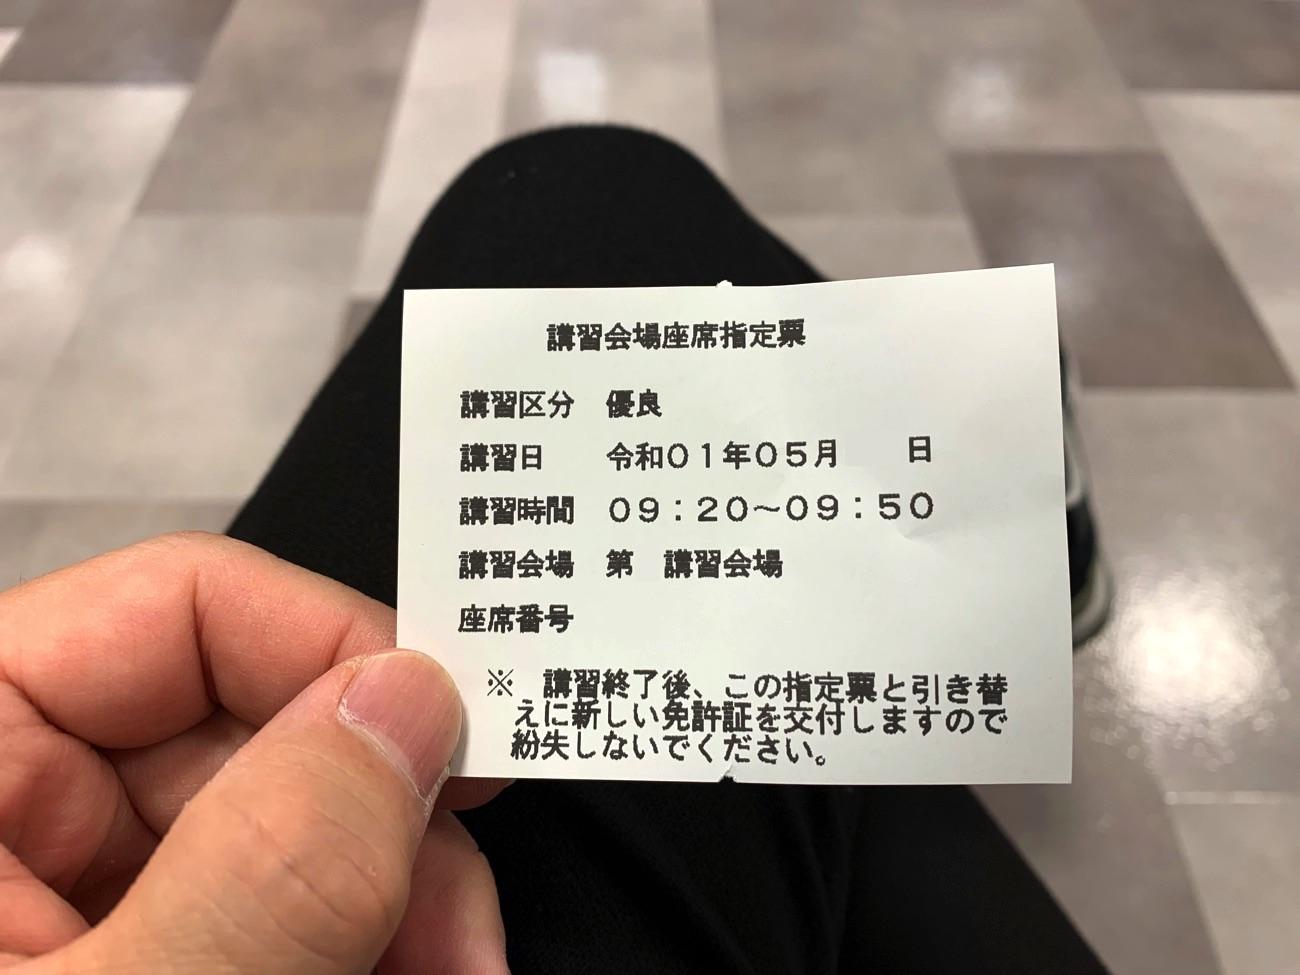 座席指定票と引き替えで発行される